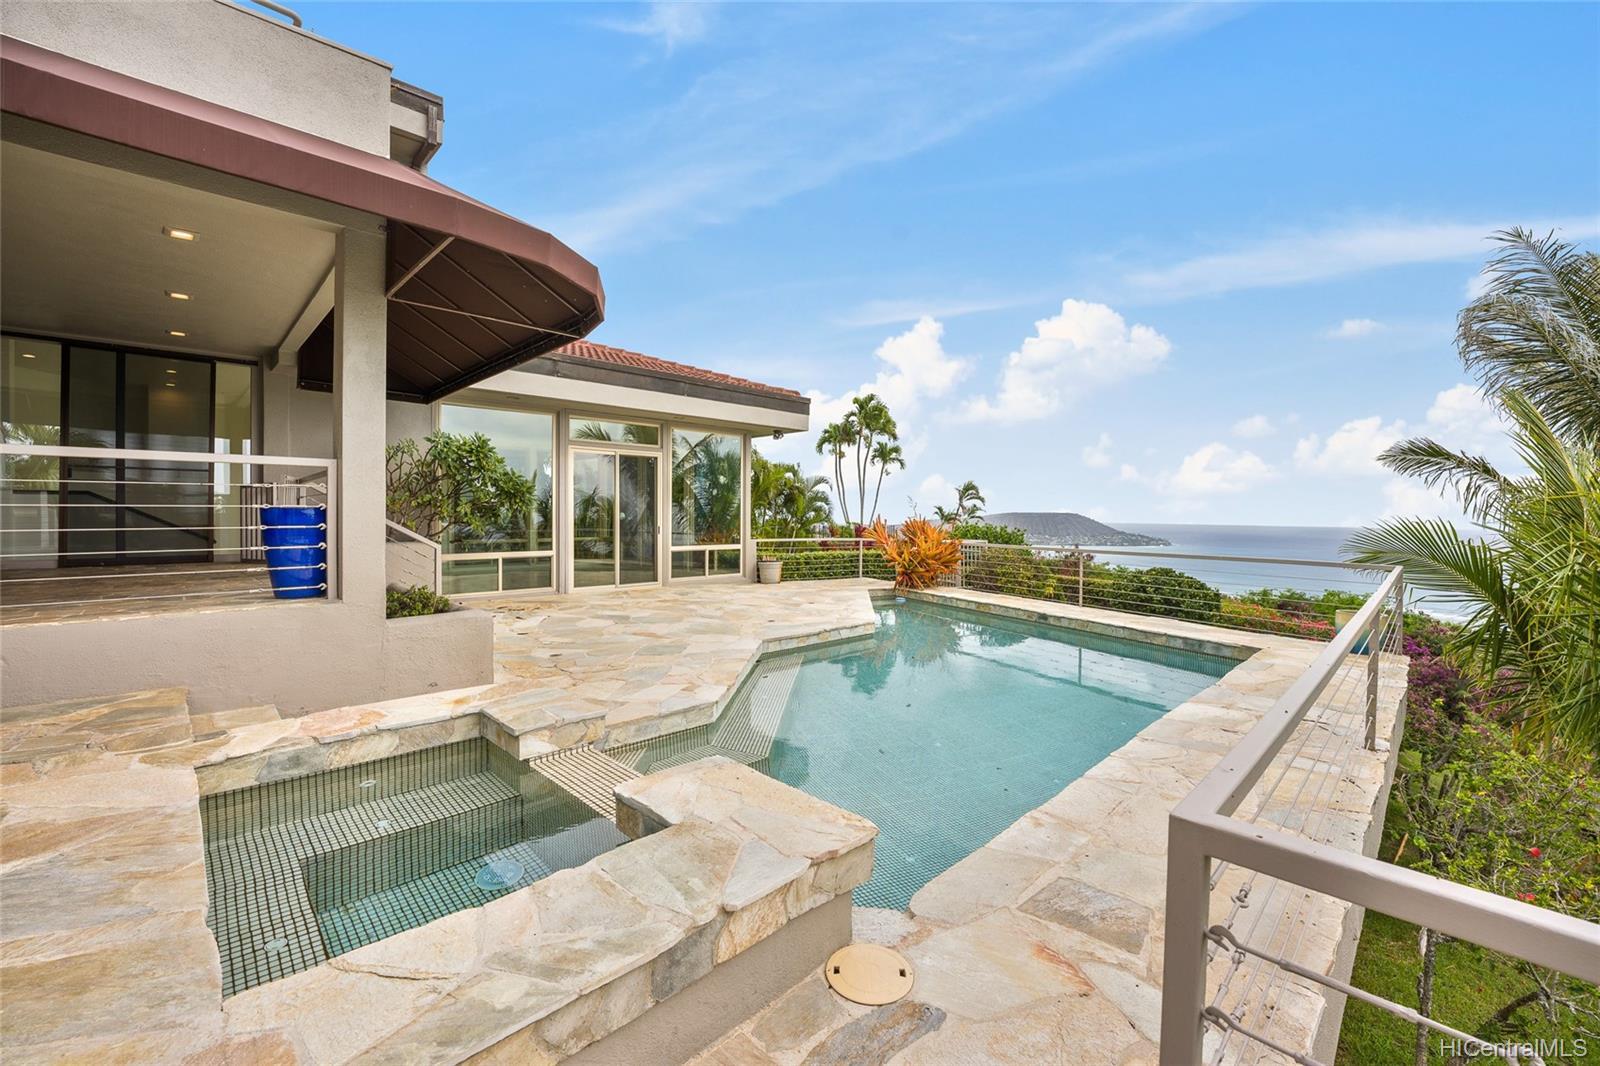 691 Kaulana Place Honolulu - Rental - photo 1 of 25